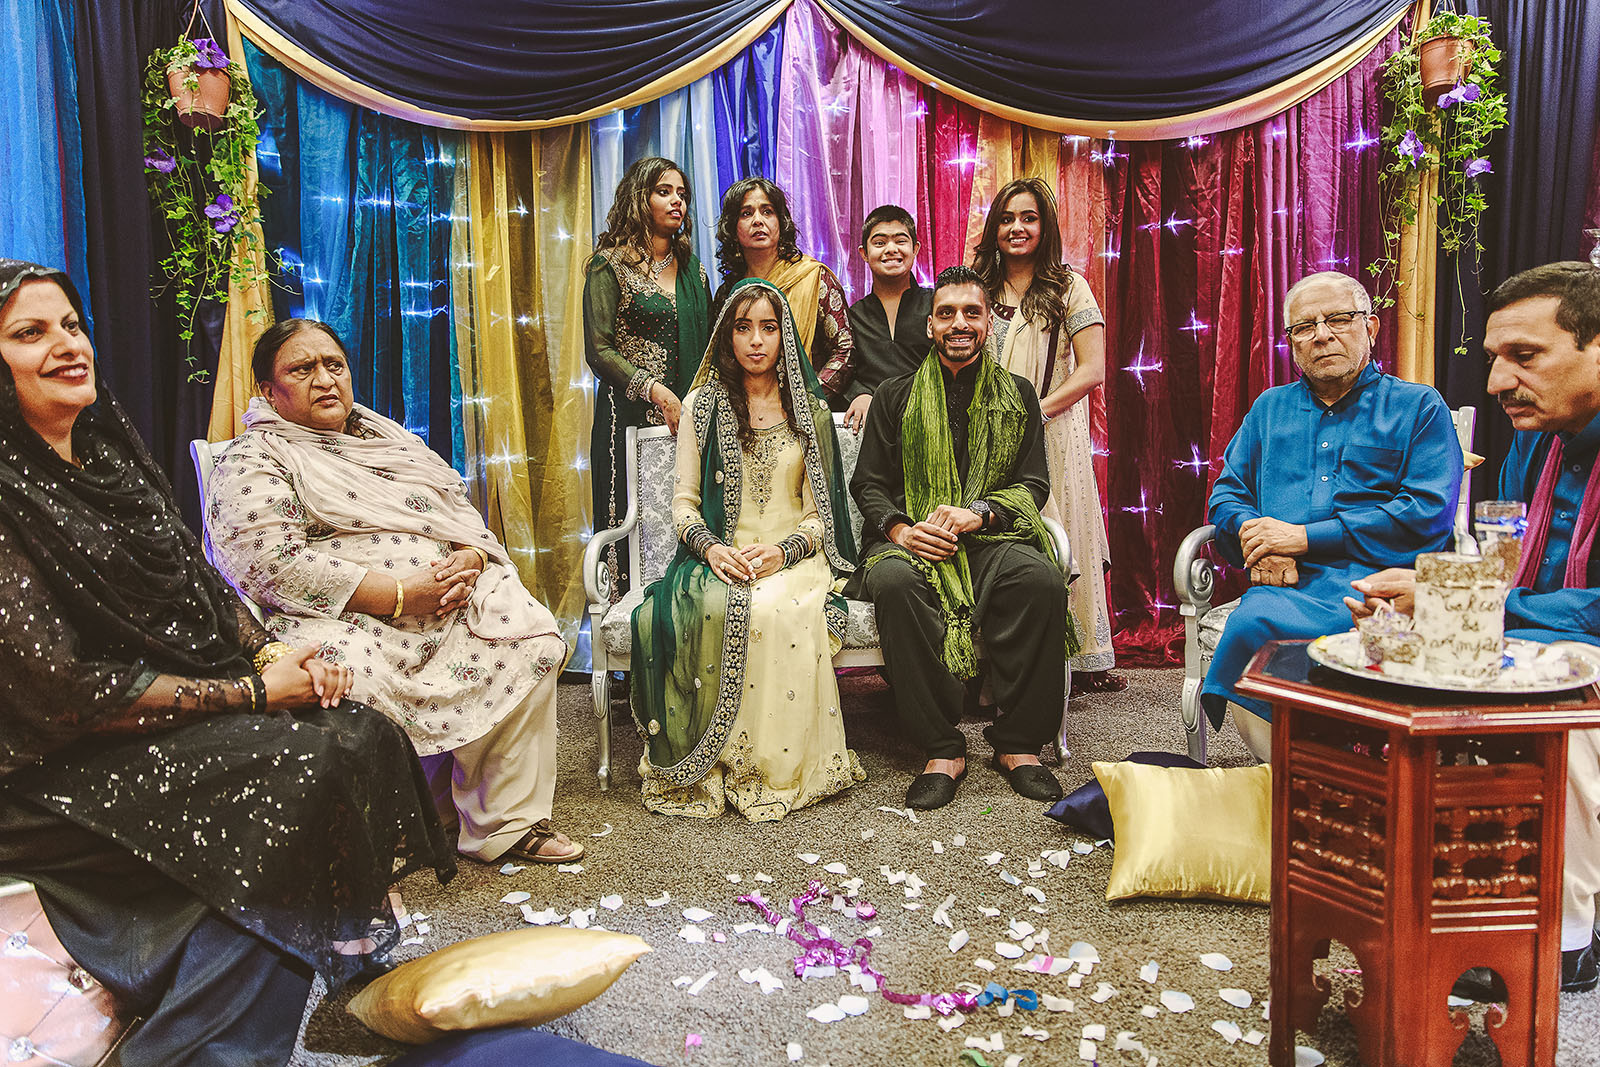 photographe-mariage-pakistannais-paris-tradition-beaute-belle-bijoux-couleur-lumiere-extraordinaire-davidpommier (4)